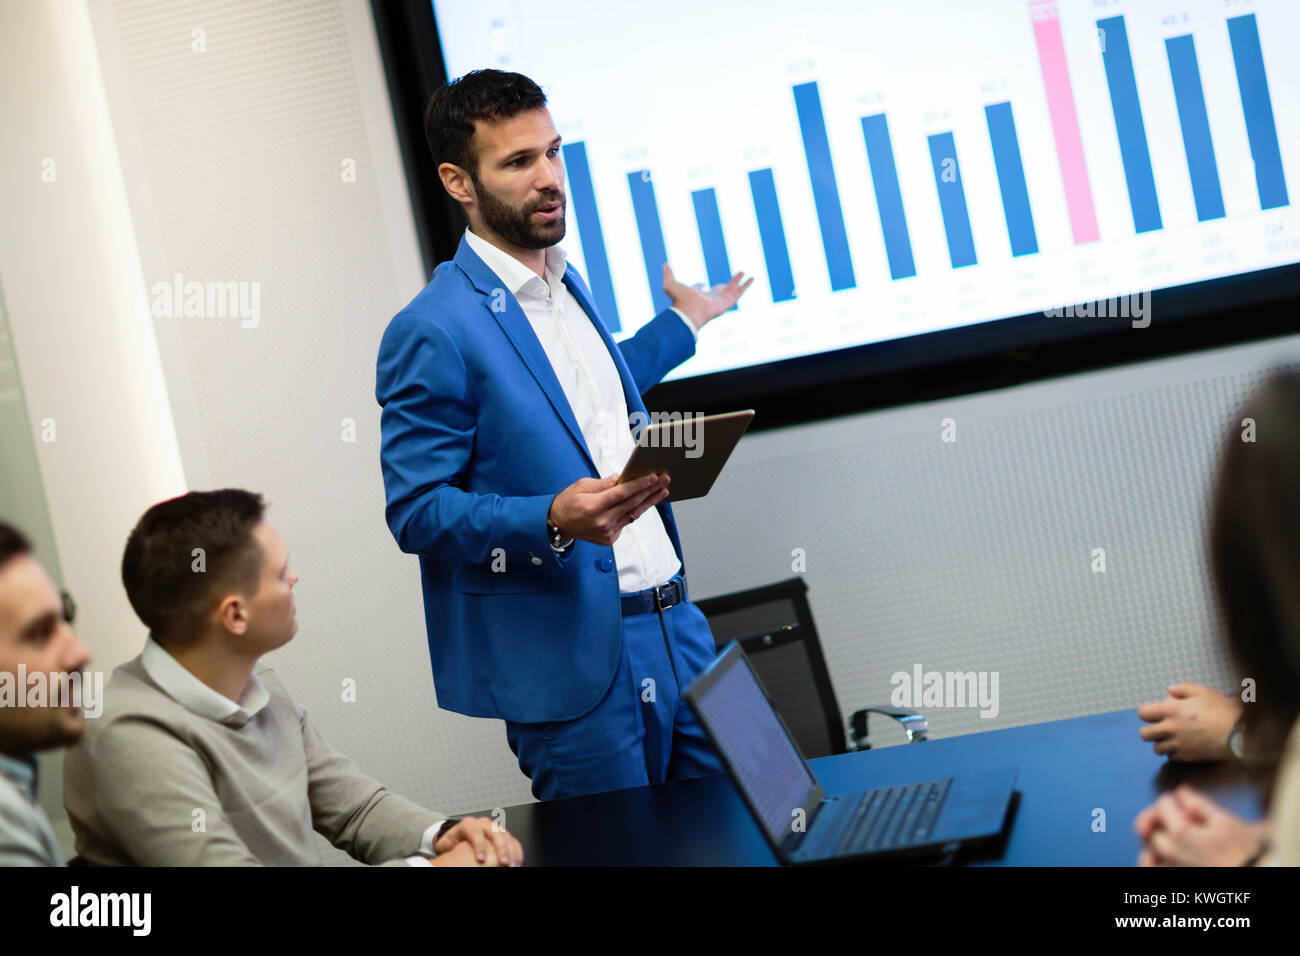 Bild von Business Seminar in Konferenzraum Stockbild